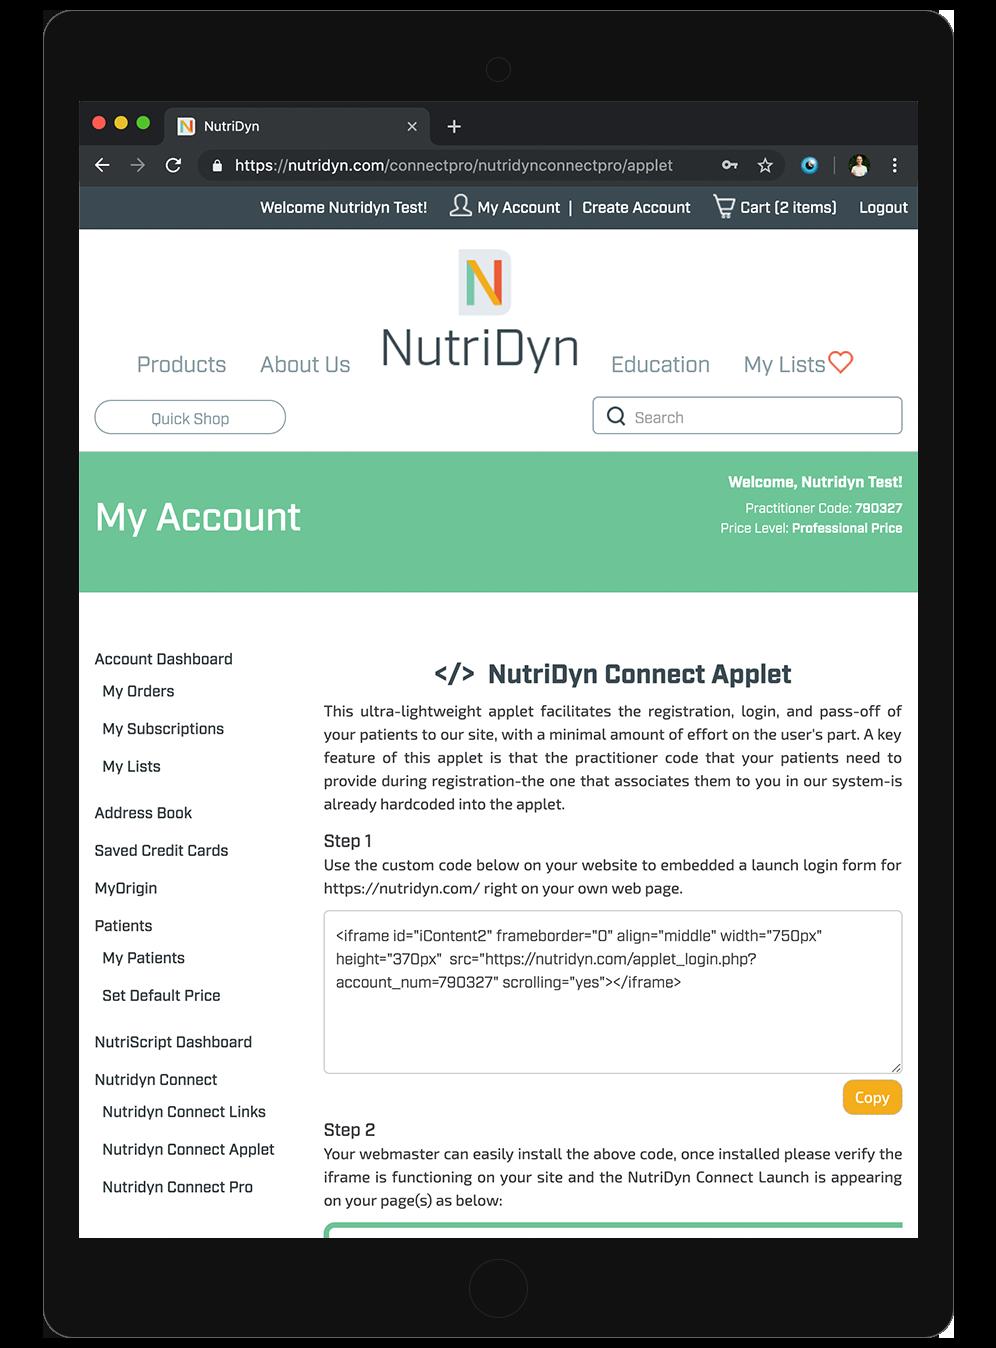 nutridyn-tablet-web-design.png